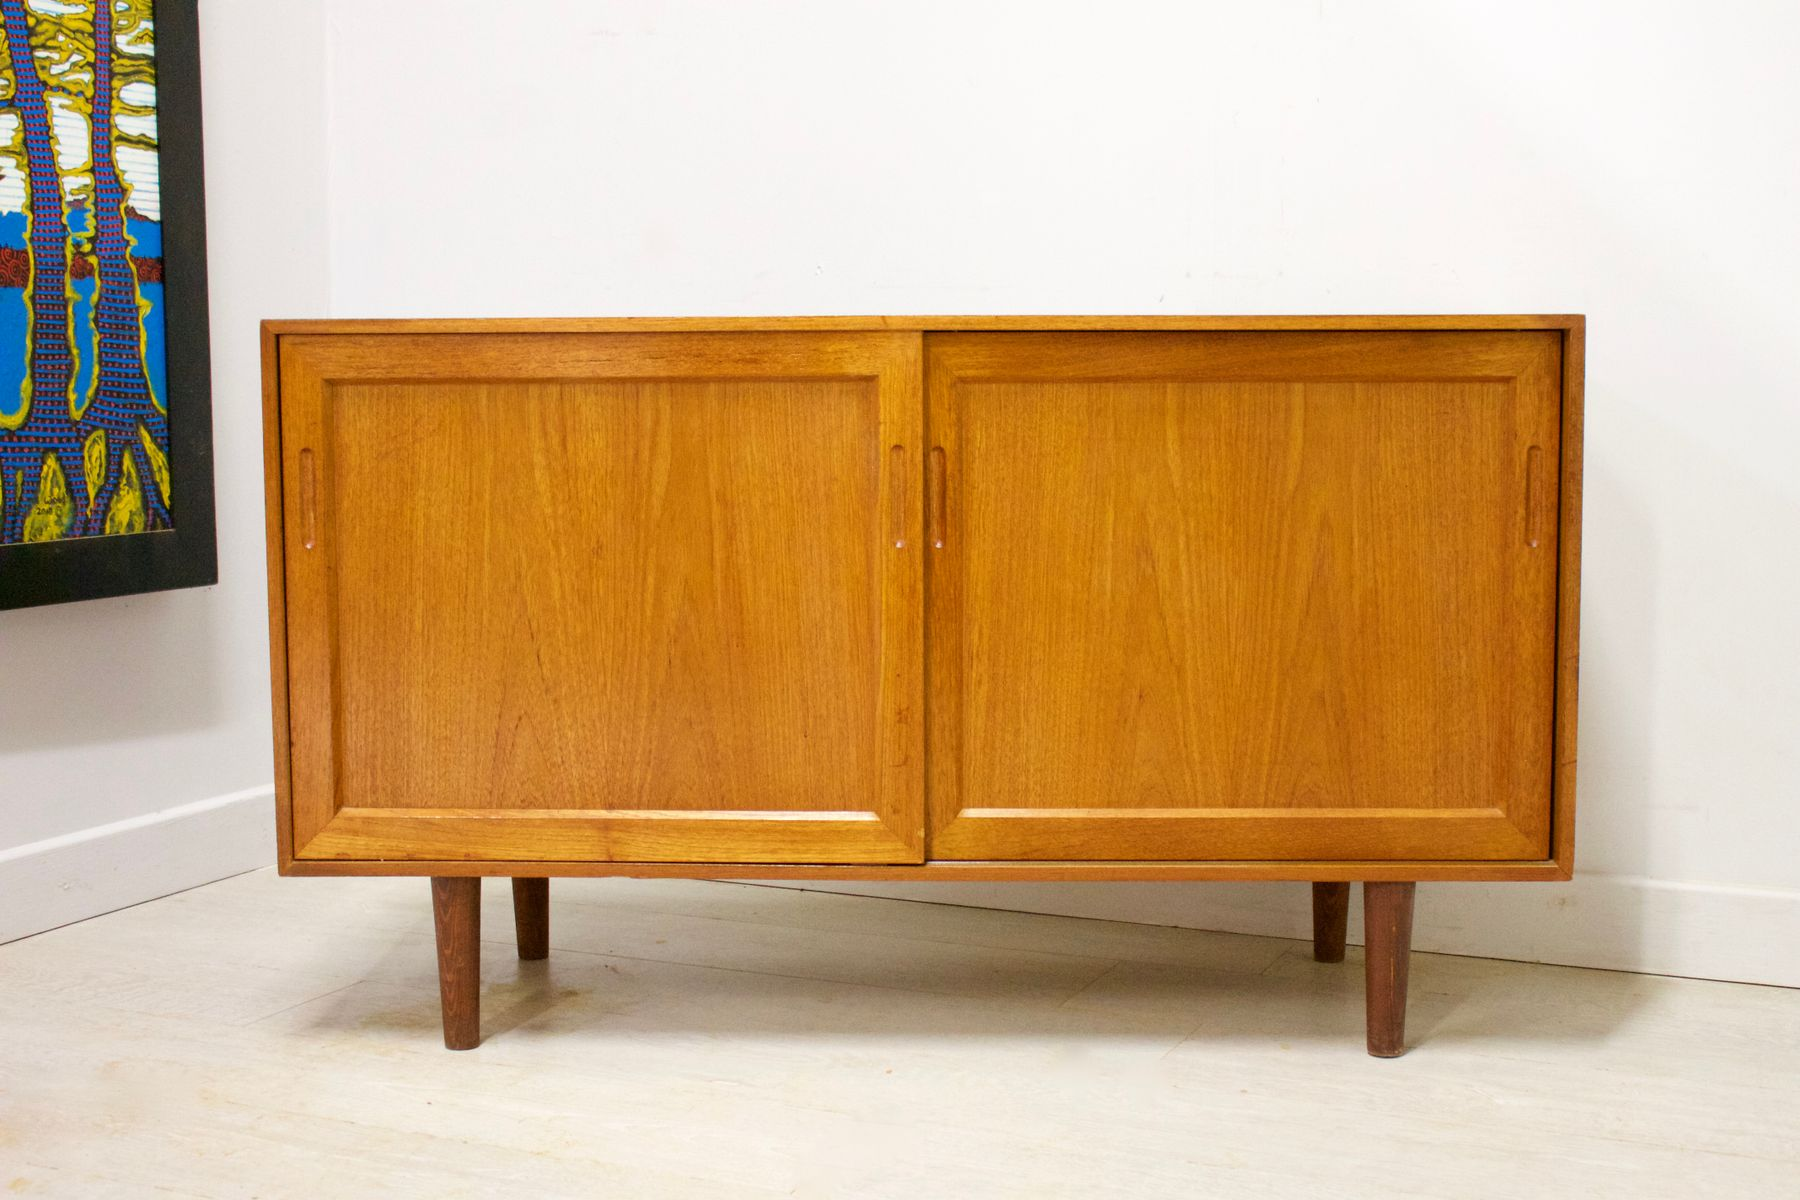 Dänisches Mid-Century Compact Sideboard oder TV Einheit aus Teak